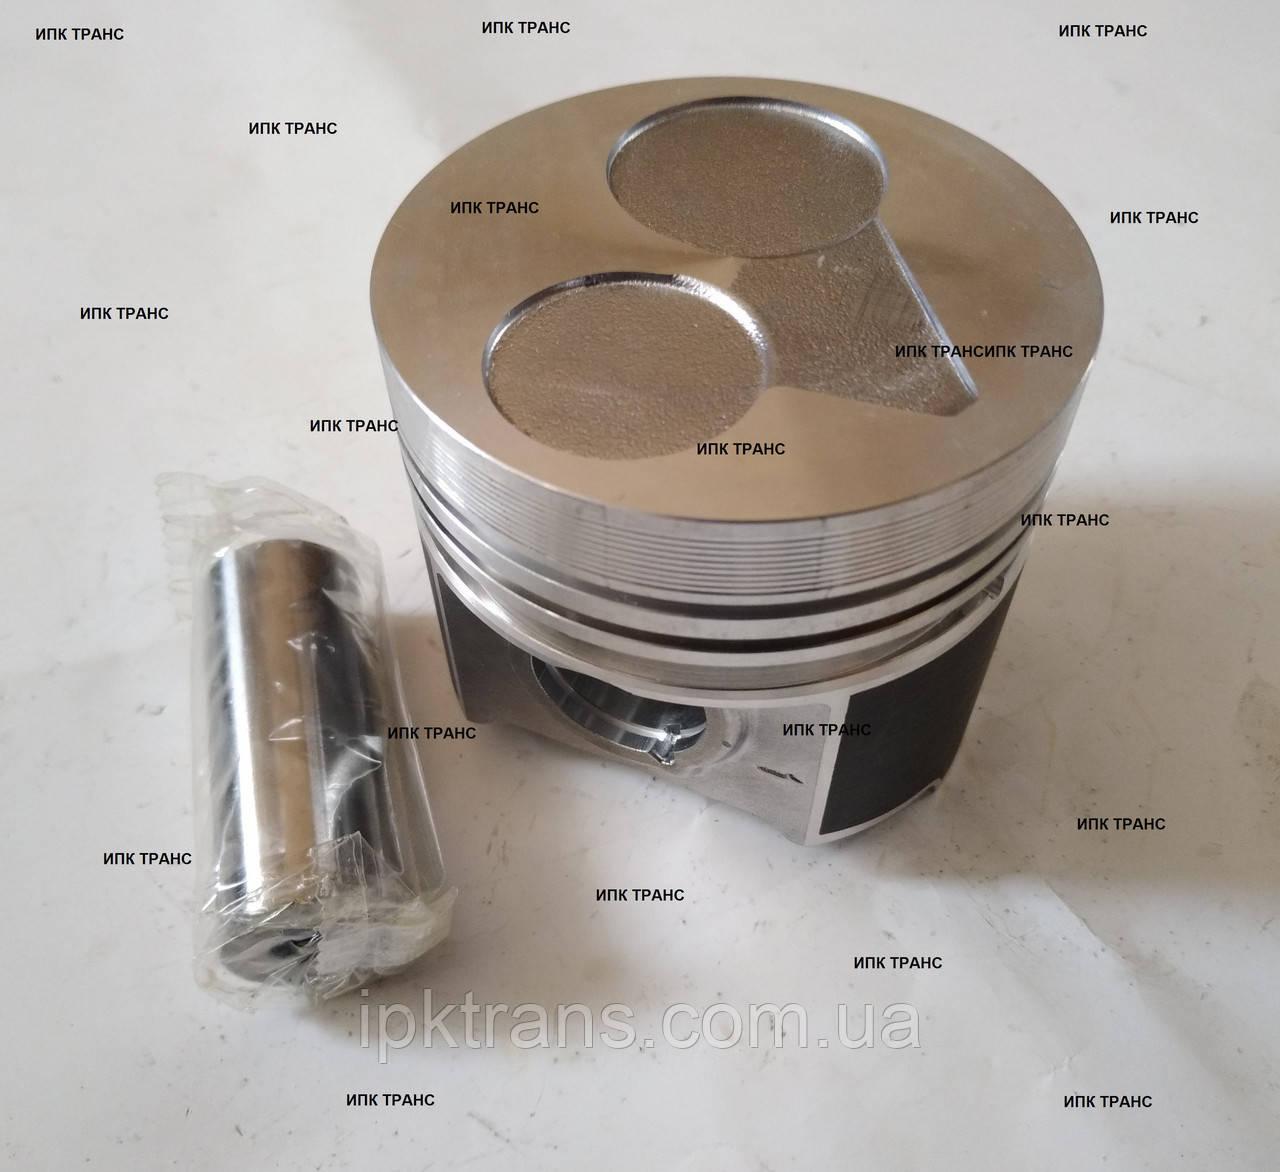 Поршень двигателя CARRIER VECTOR CT 4134  Kubota V2203 (std) 1A09121113, 25-39110-01